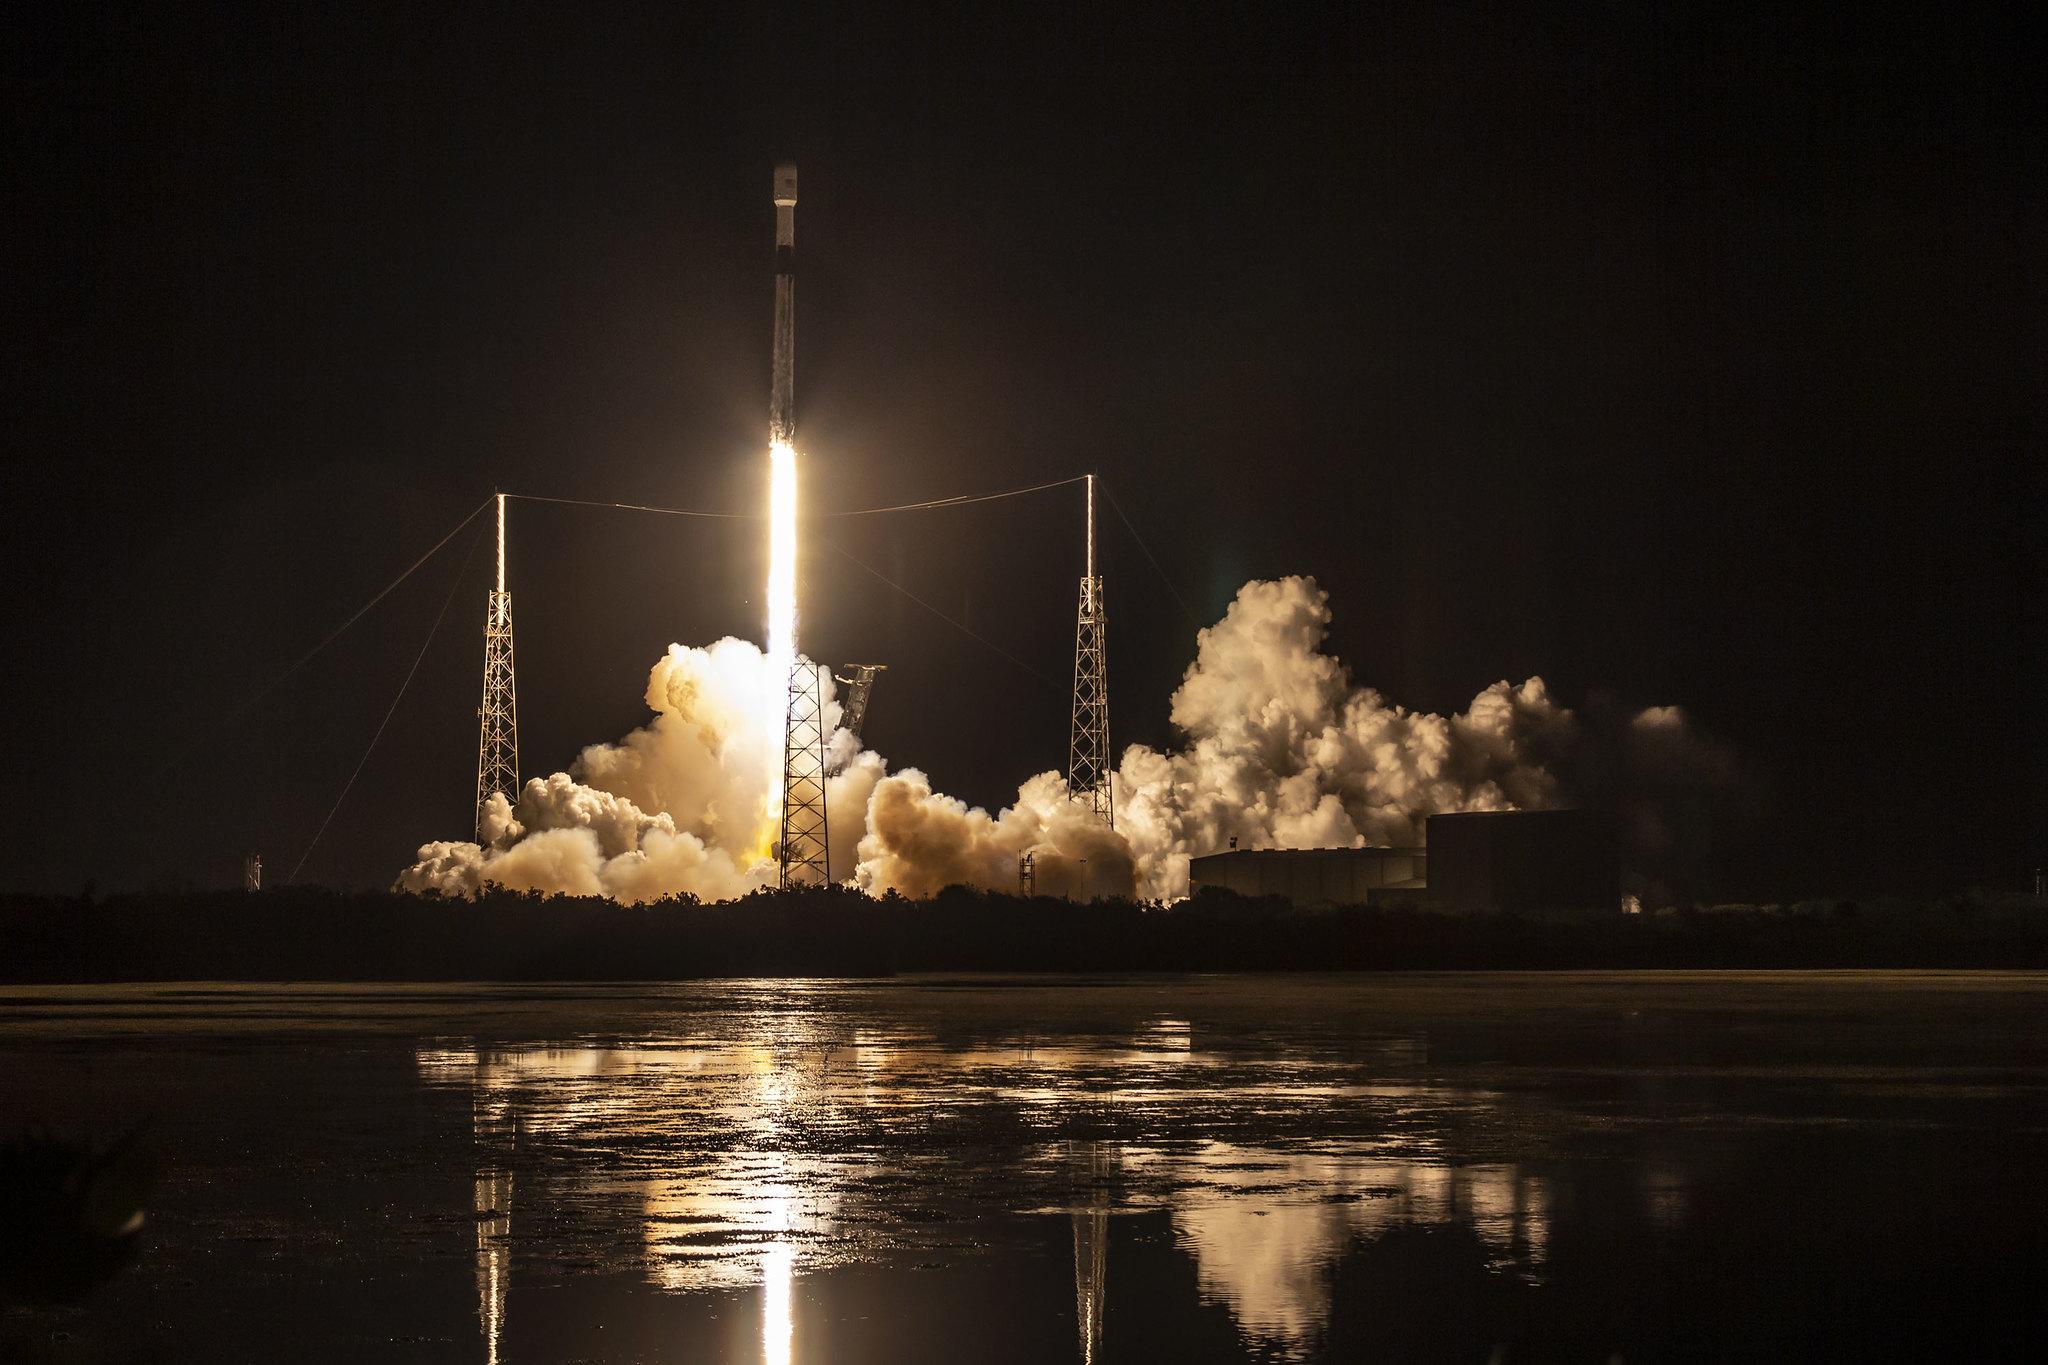 Imaginea 1: Lansarea celui de-a treilea set de sateliți Starlink de către o rachetă Falcon 9 a cărei treaptă primară a fost folosită pentru a patra oară și recuperată din nou pe barja OCISLY (Sursa foto: SpaceX)